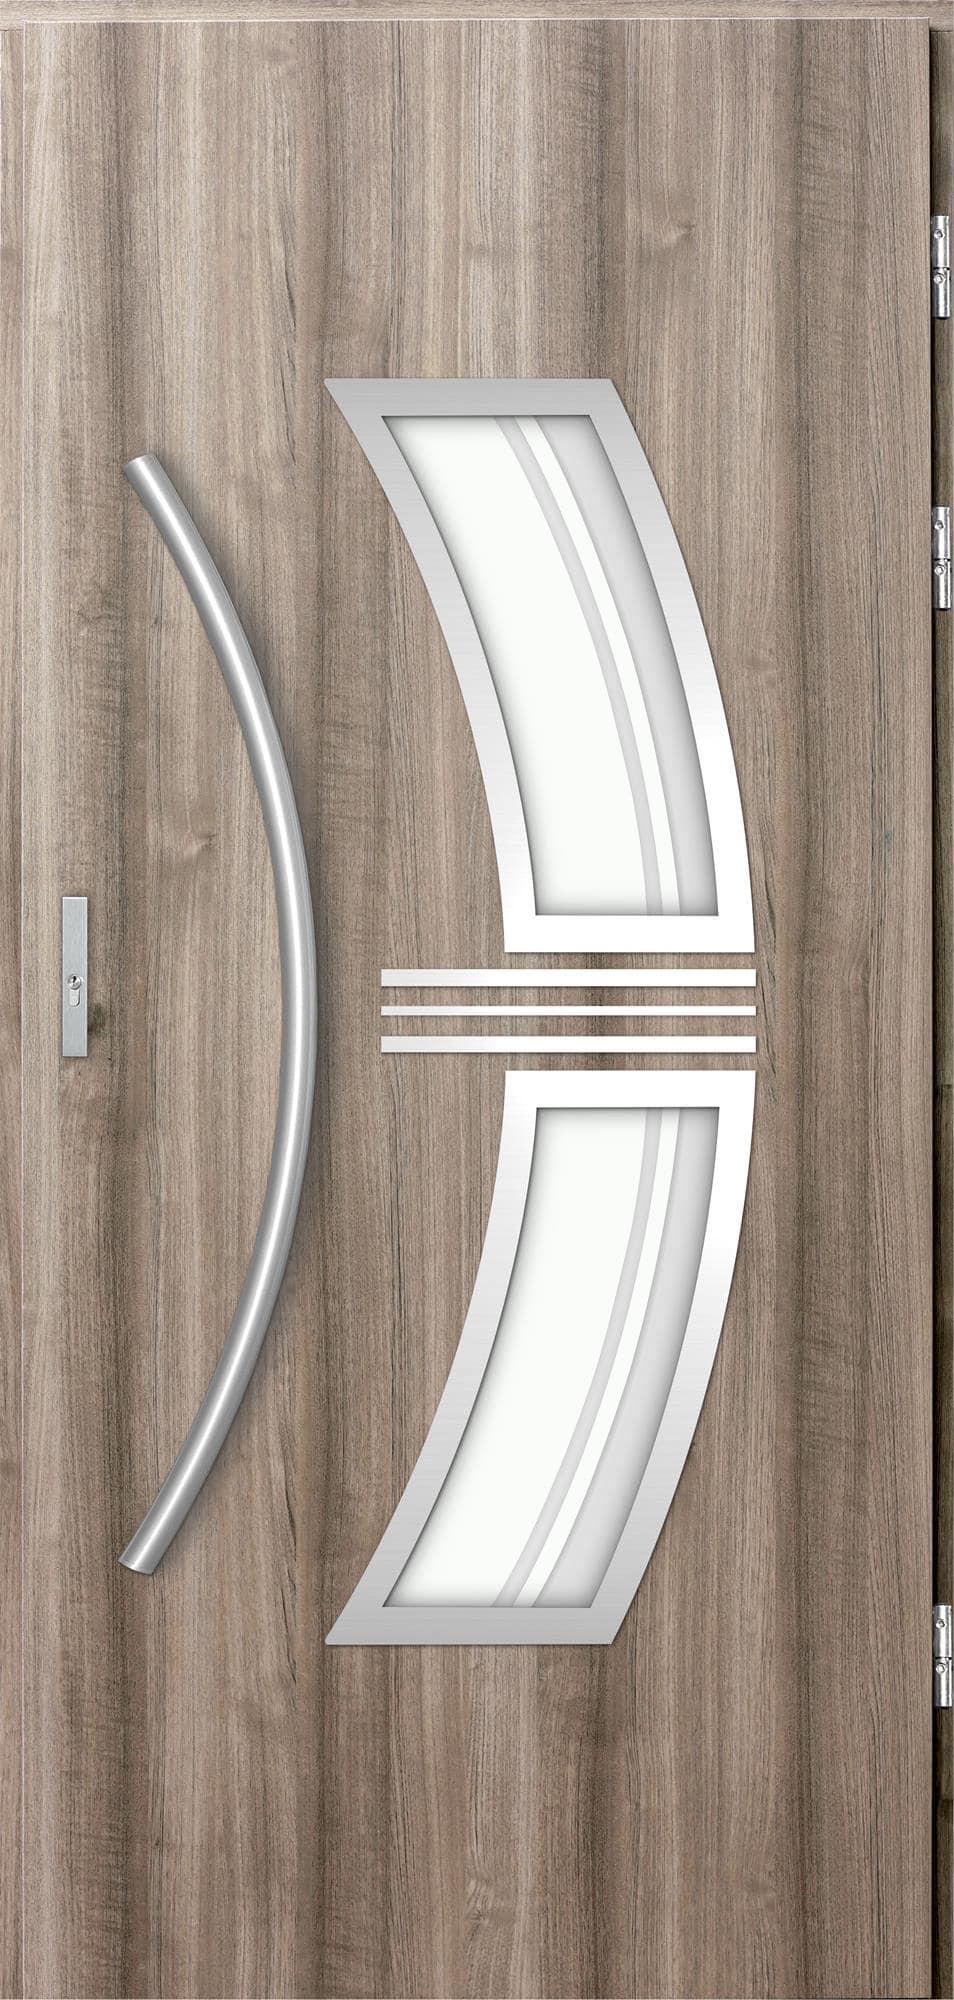 Venkovní vchodové dveøe Stella, svìtlý dub